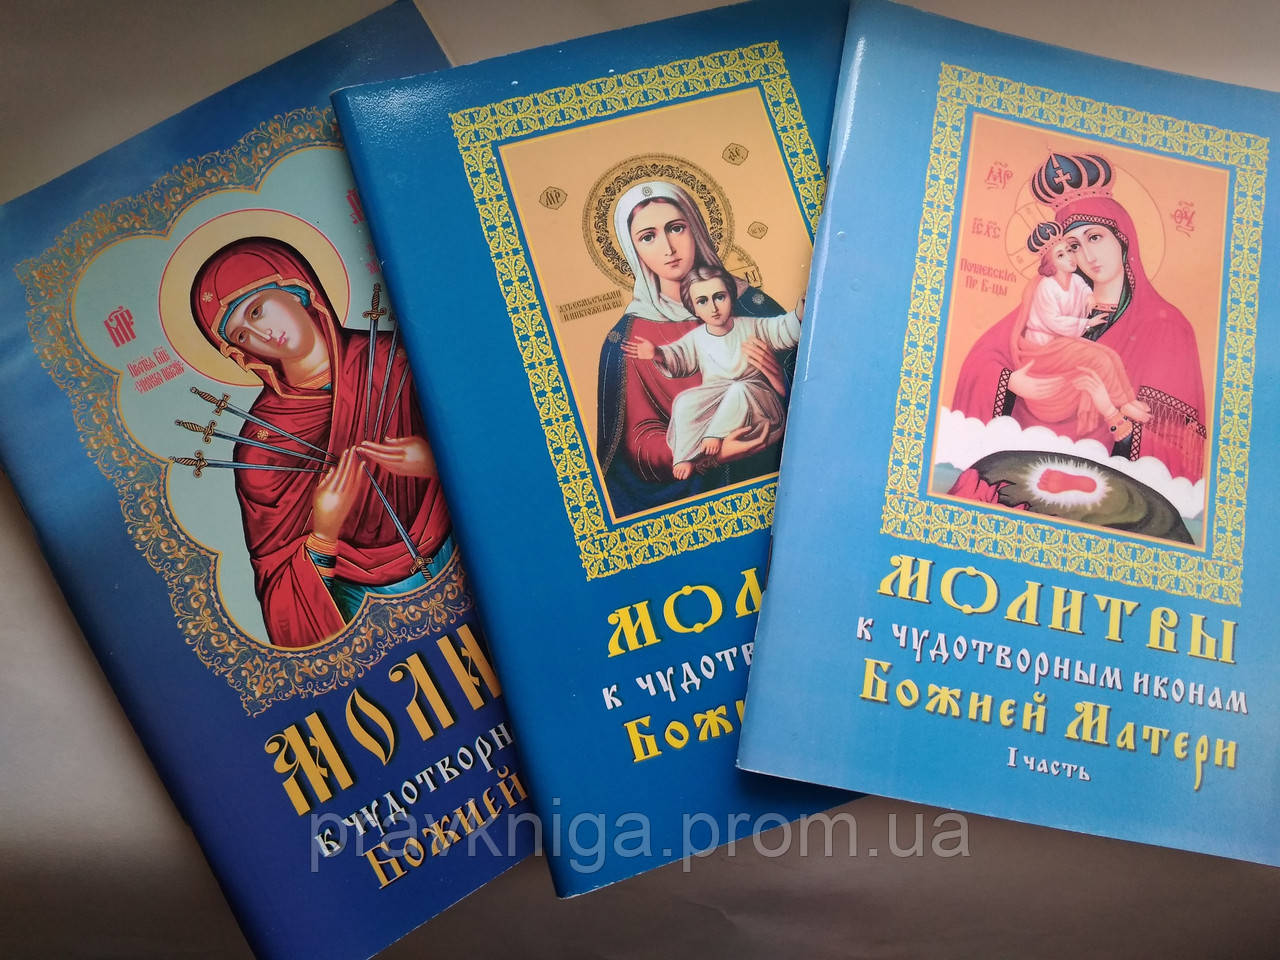 Молитвы к чудотворным иконам Божией Матери в 3 частях